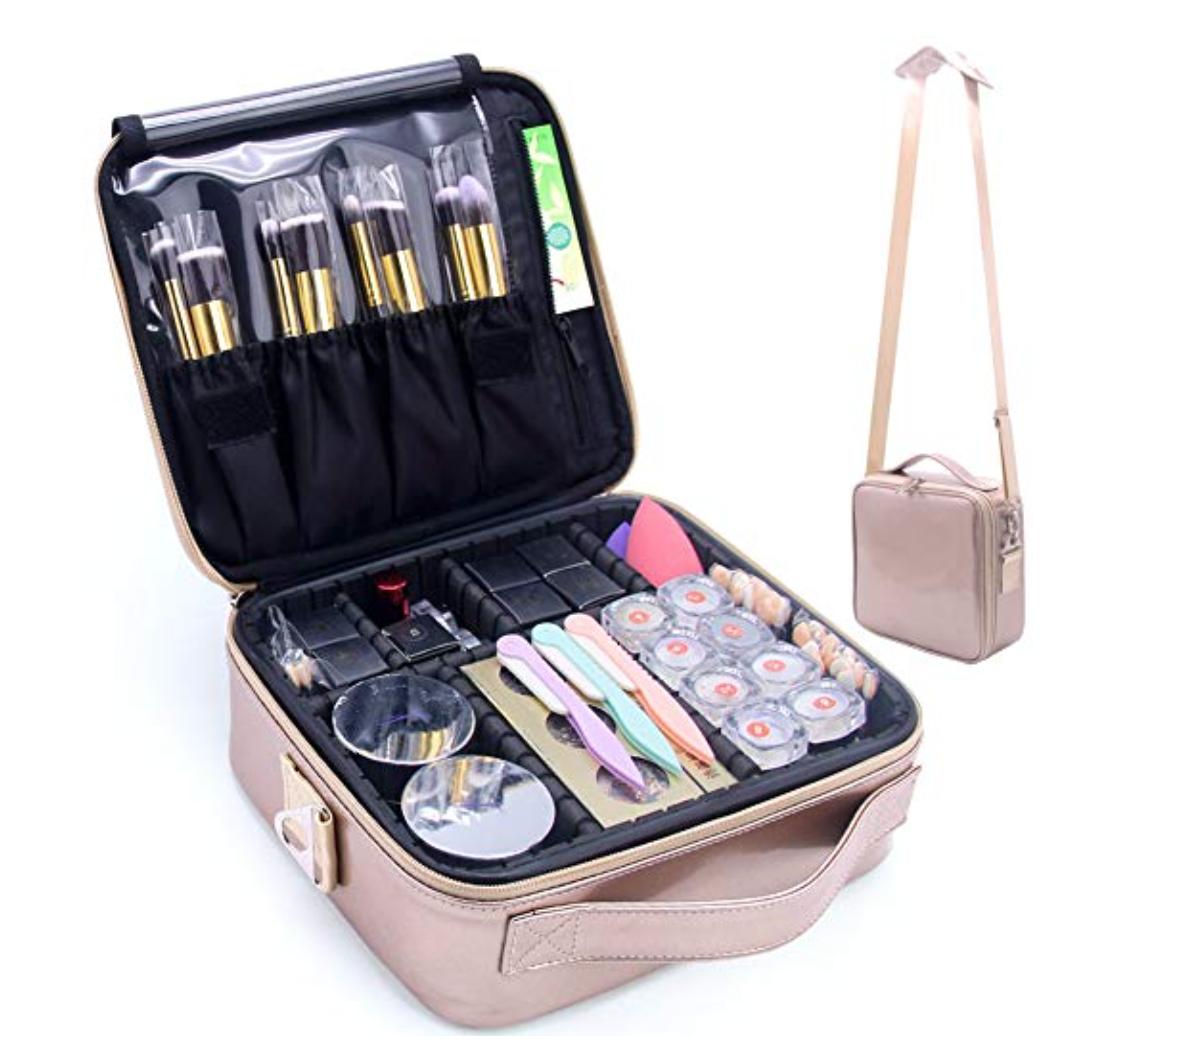 amazon prime sale pink makeup travel case fashion Mash Elle beauty blogger gift idea